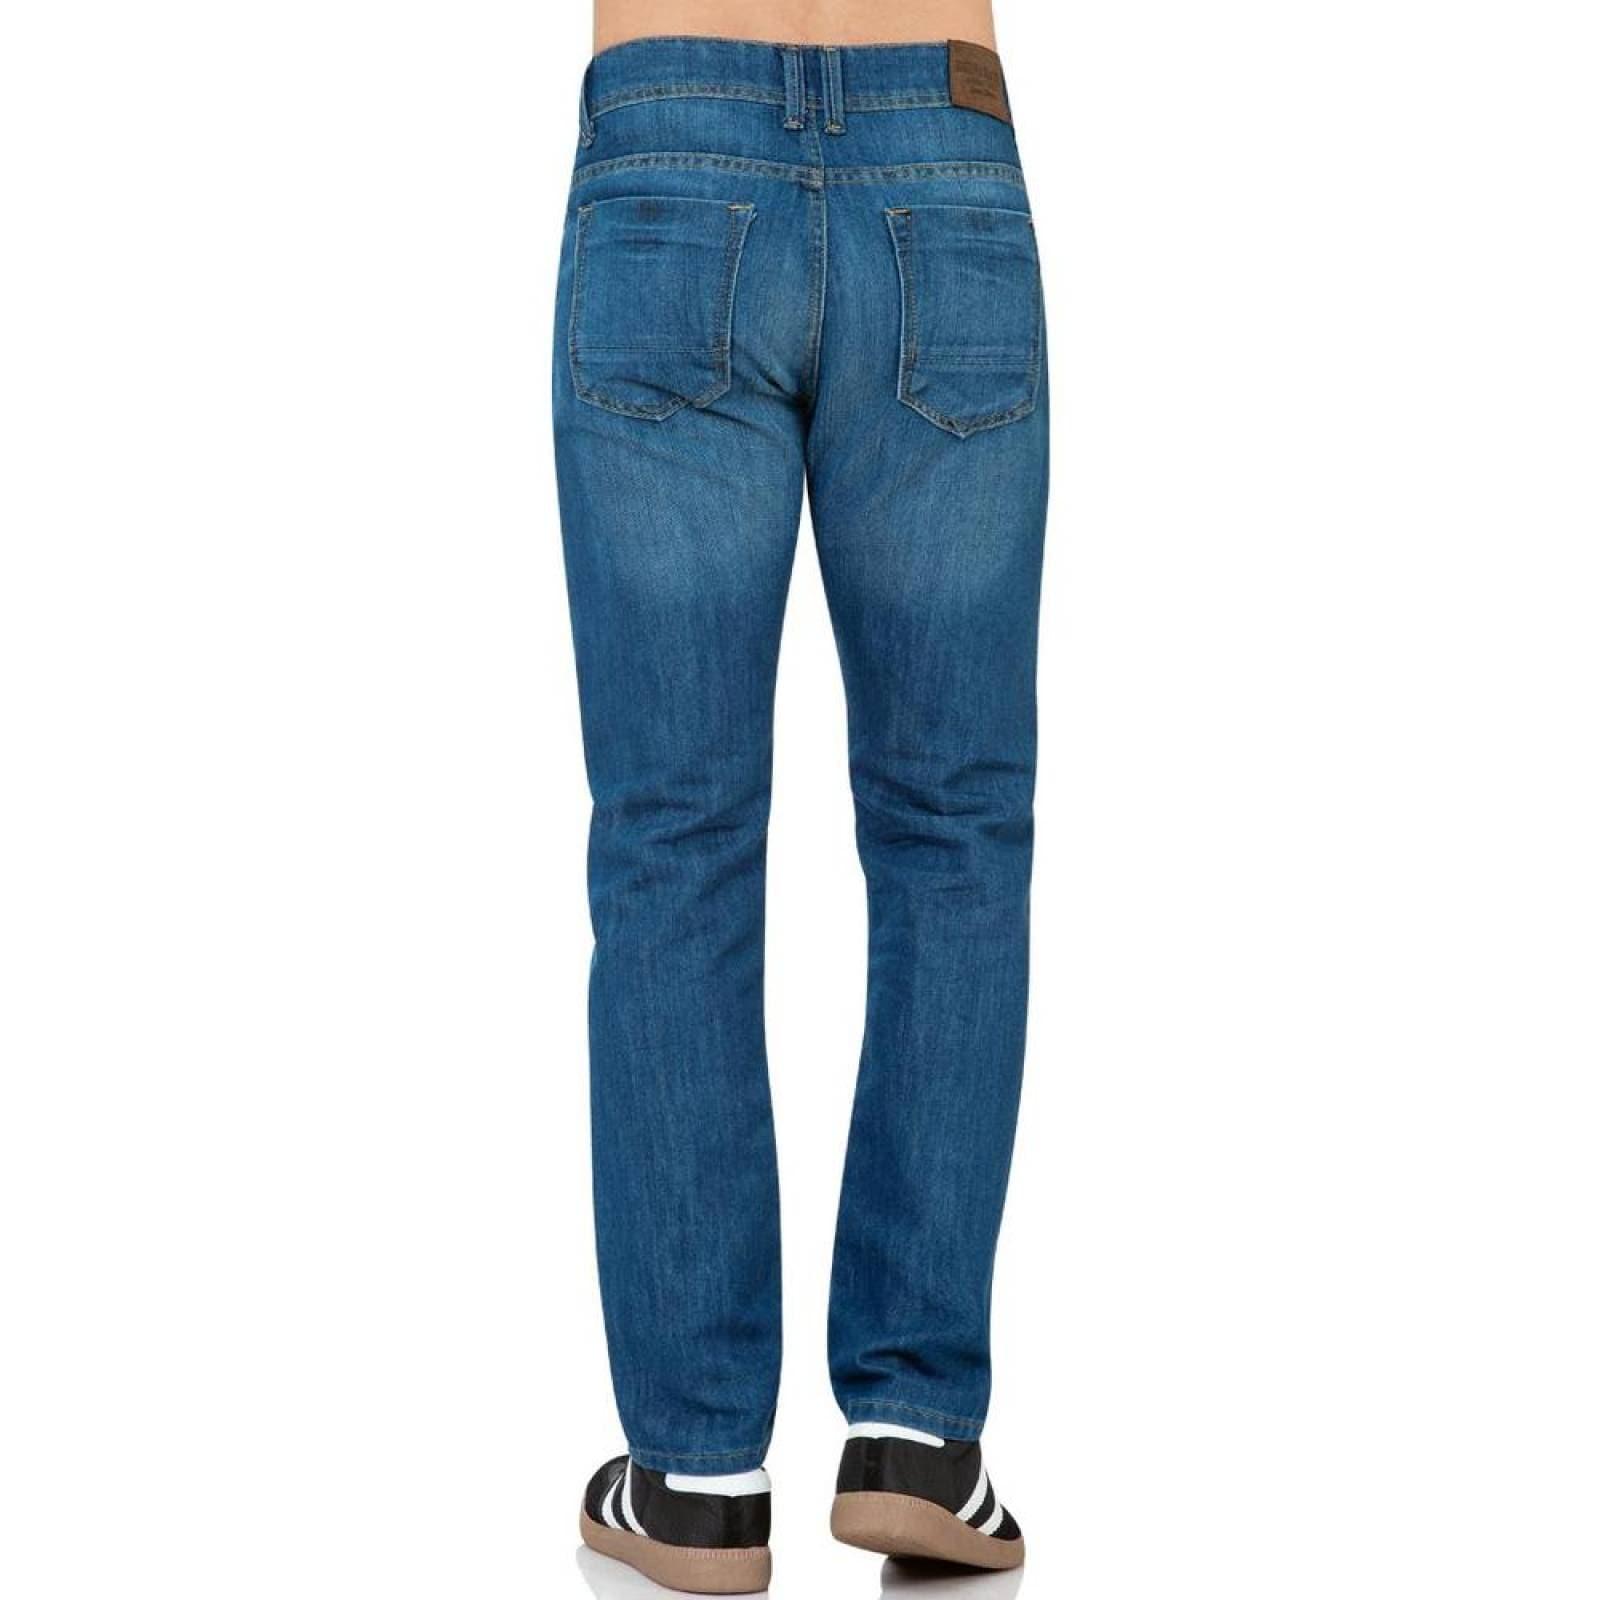 Jeans Disparate Men Hombre Azul Mezclilla 5000